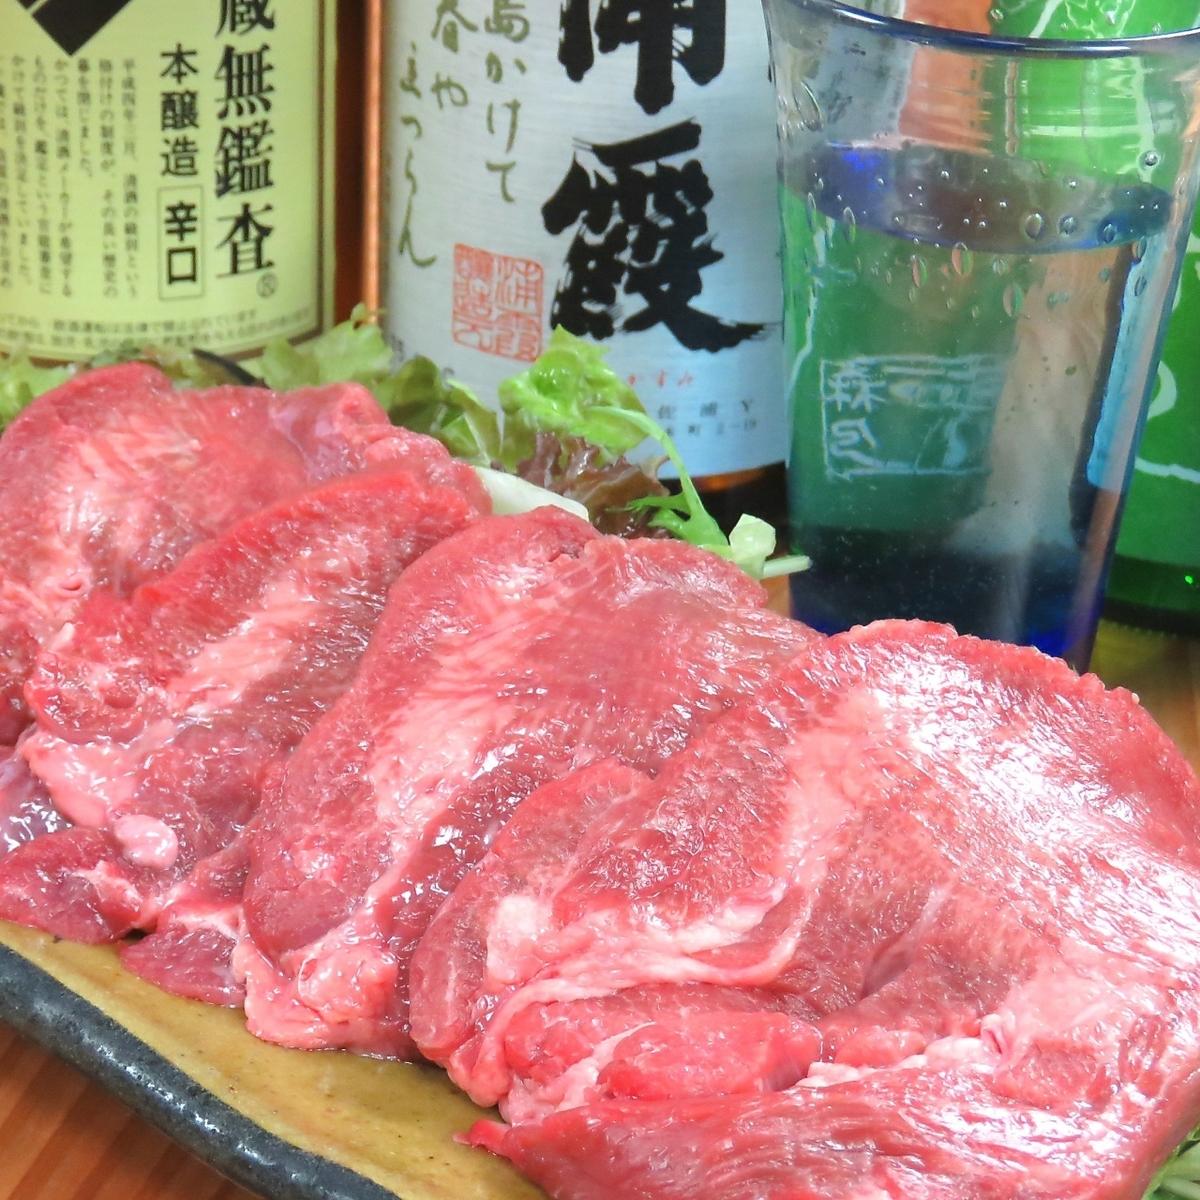 【仙台特產】牛肉烤肉